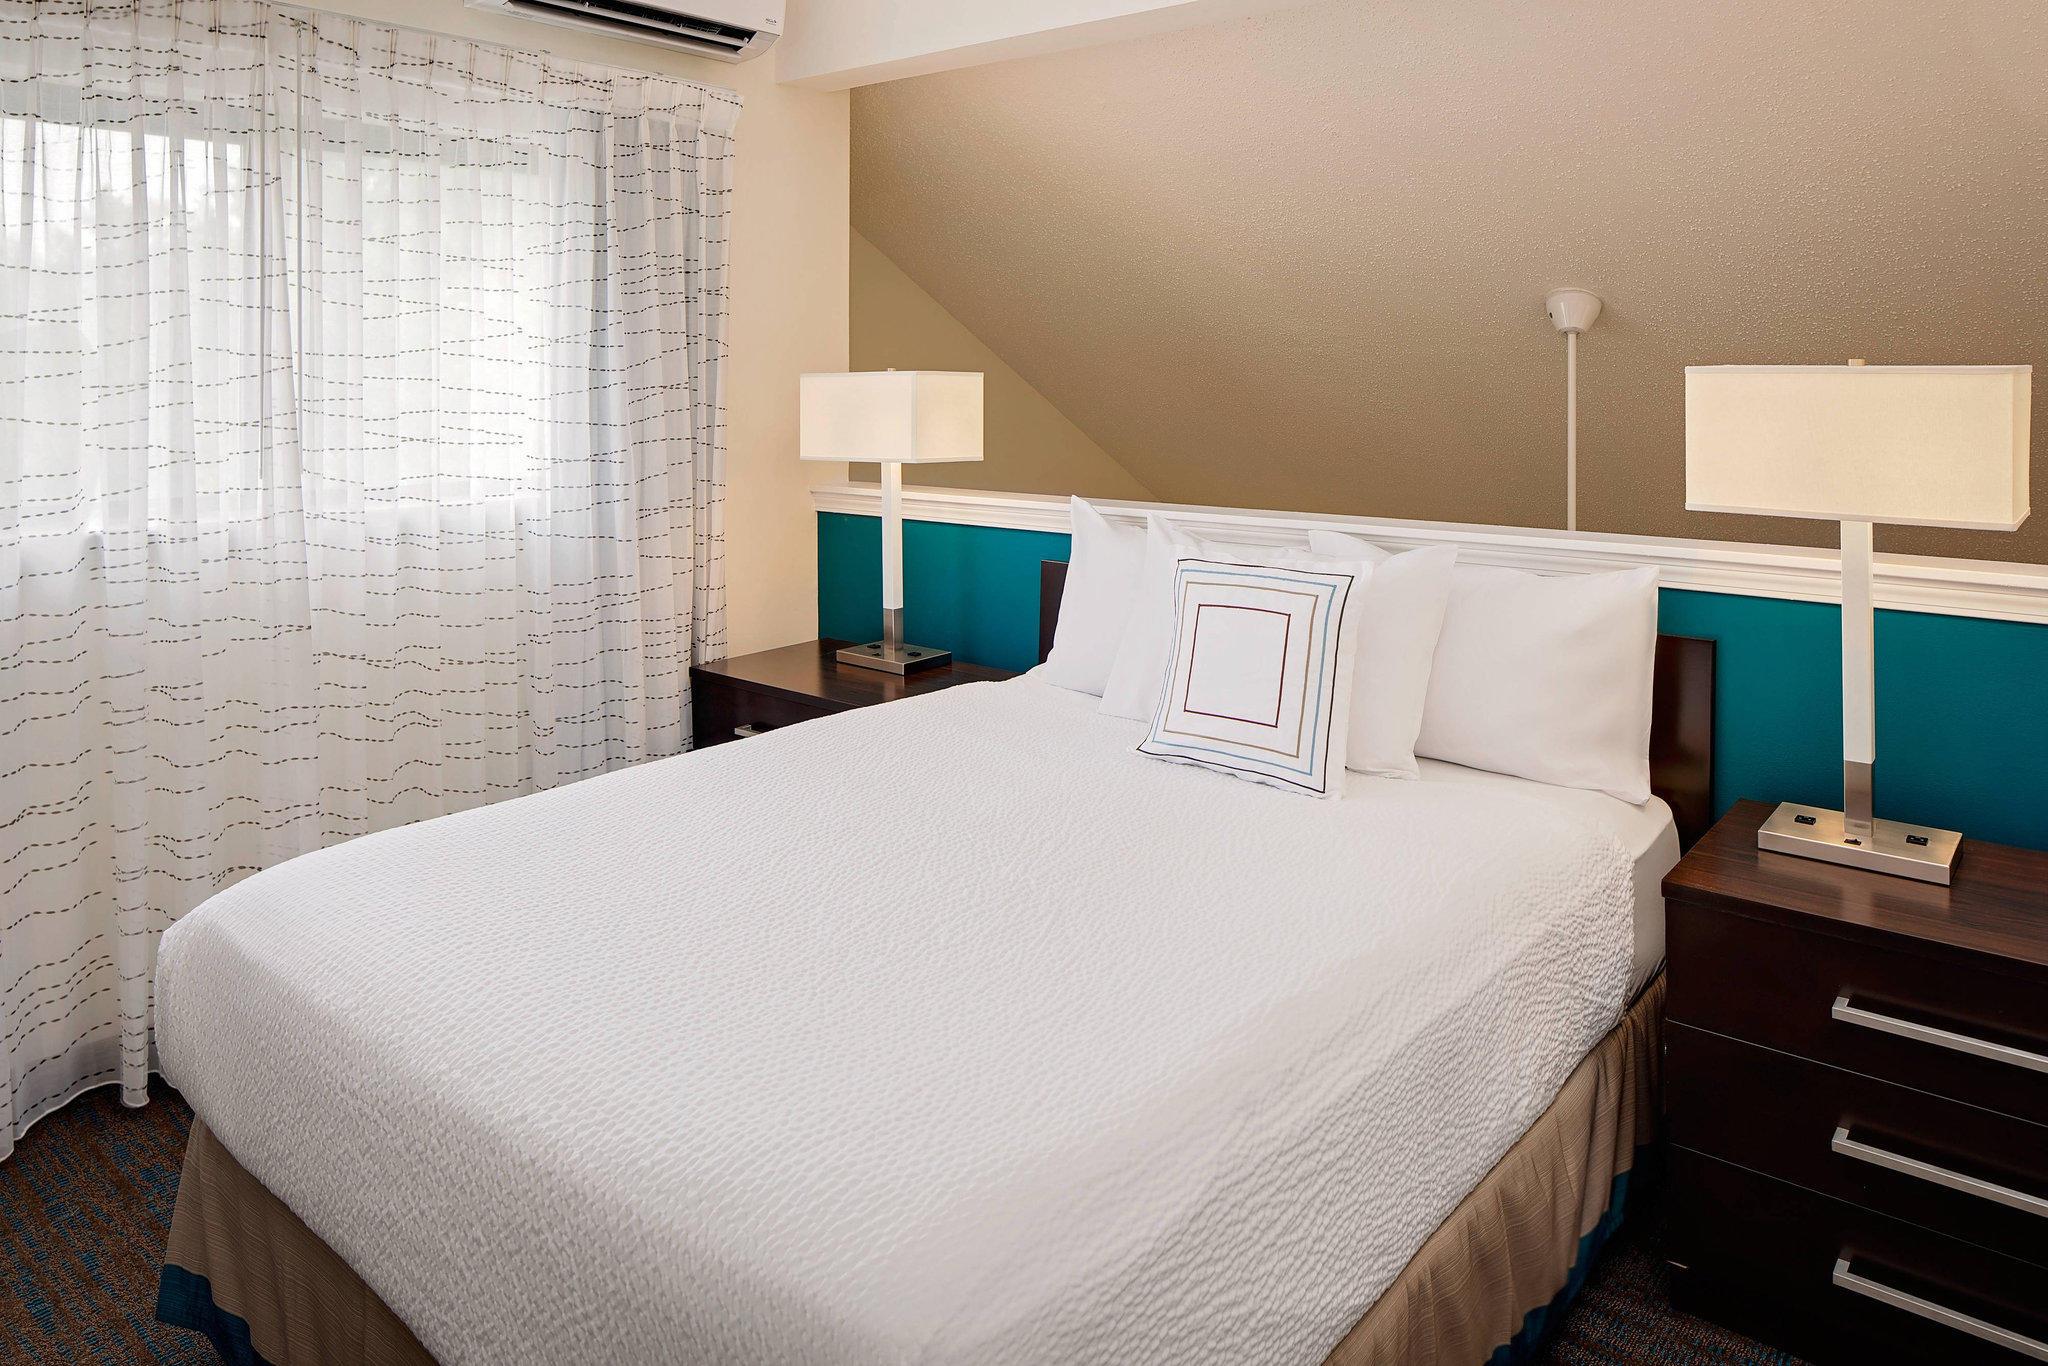 Residence Inn by Marriott Cherry Hill Philadelphia